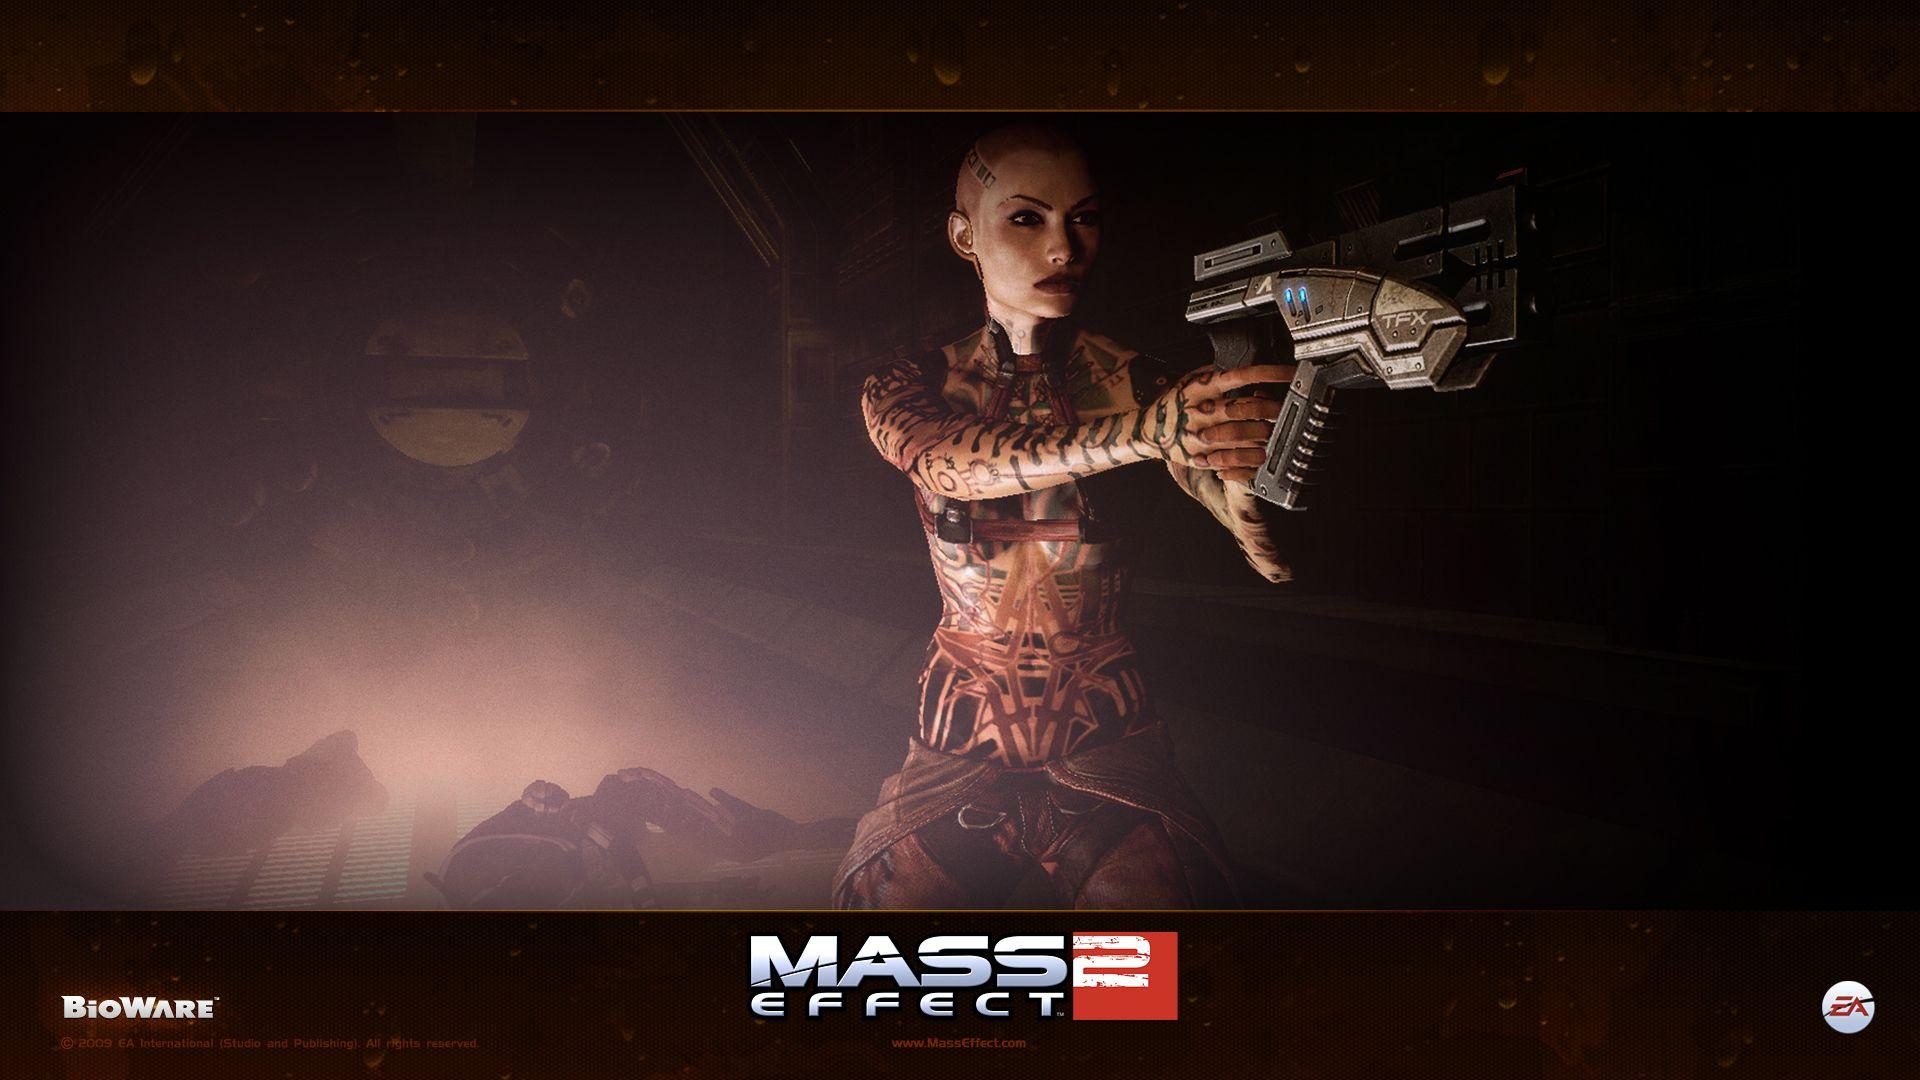 [Mi Subida] Mass Effect 2 + Todos Los DLC [/MF]   DESCARGA2.ME